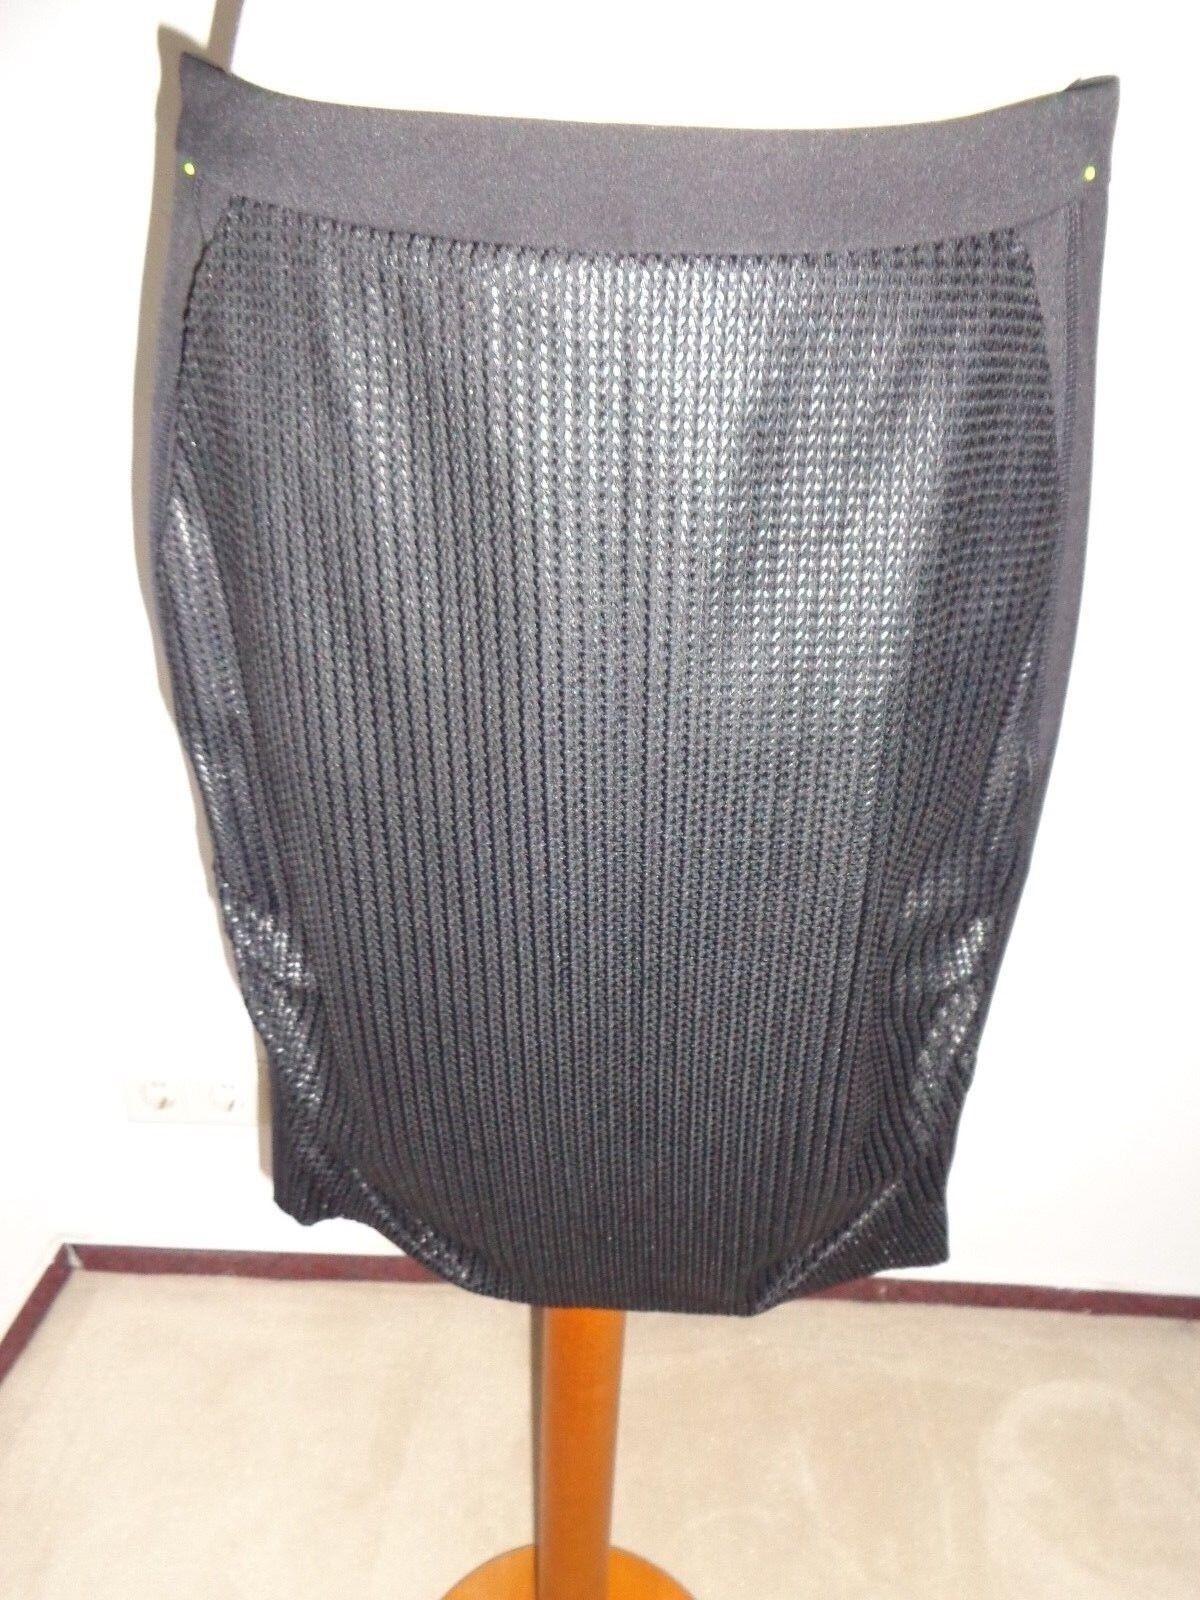 WIE NEU Designer Rock MARC CAIN gr N1 34 (F  36) gonna jupe skirt schwarz luxus